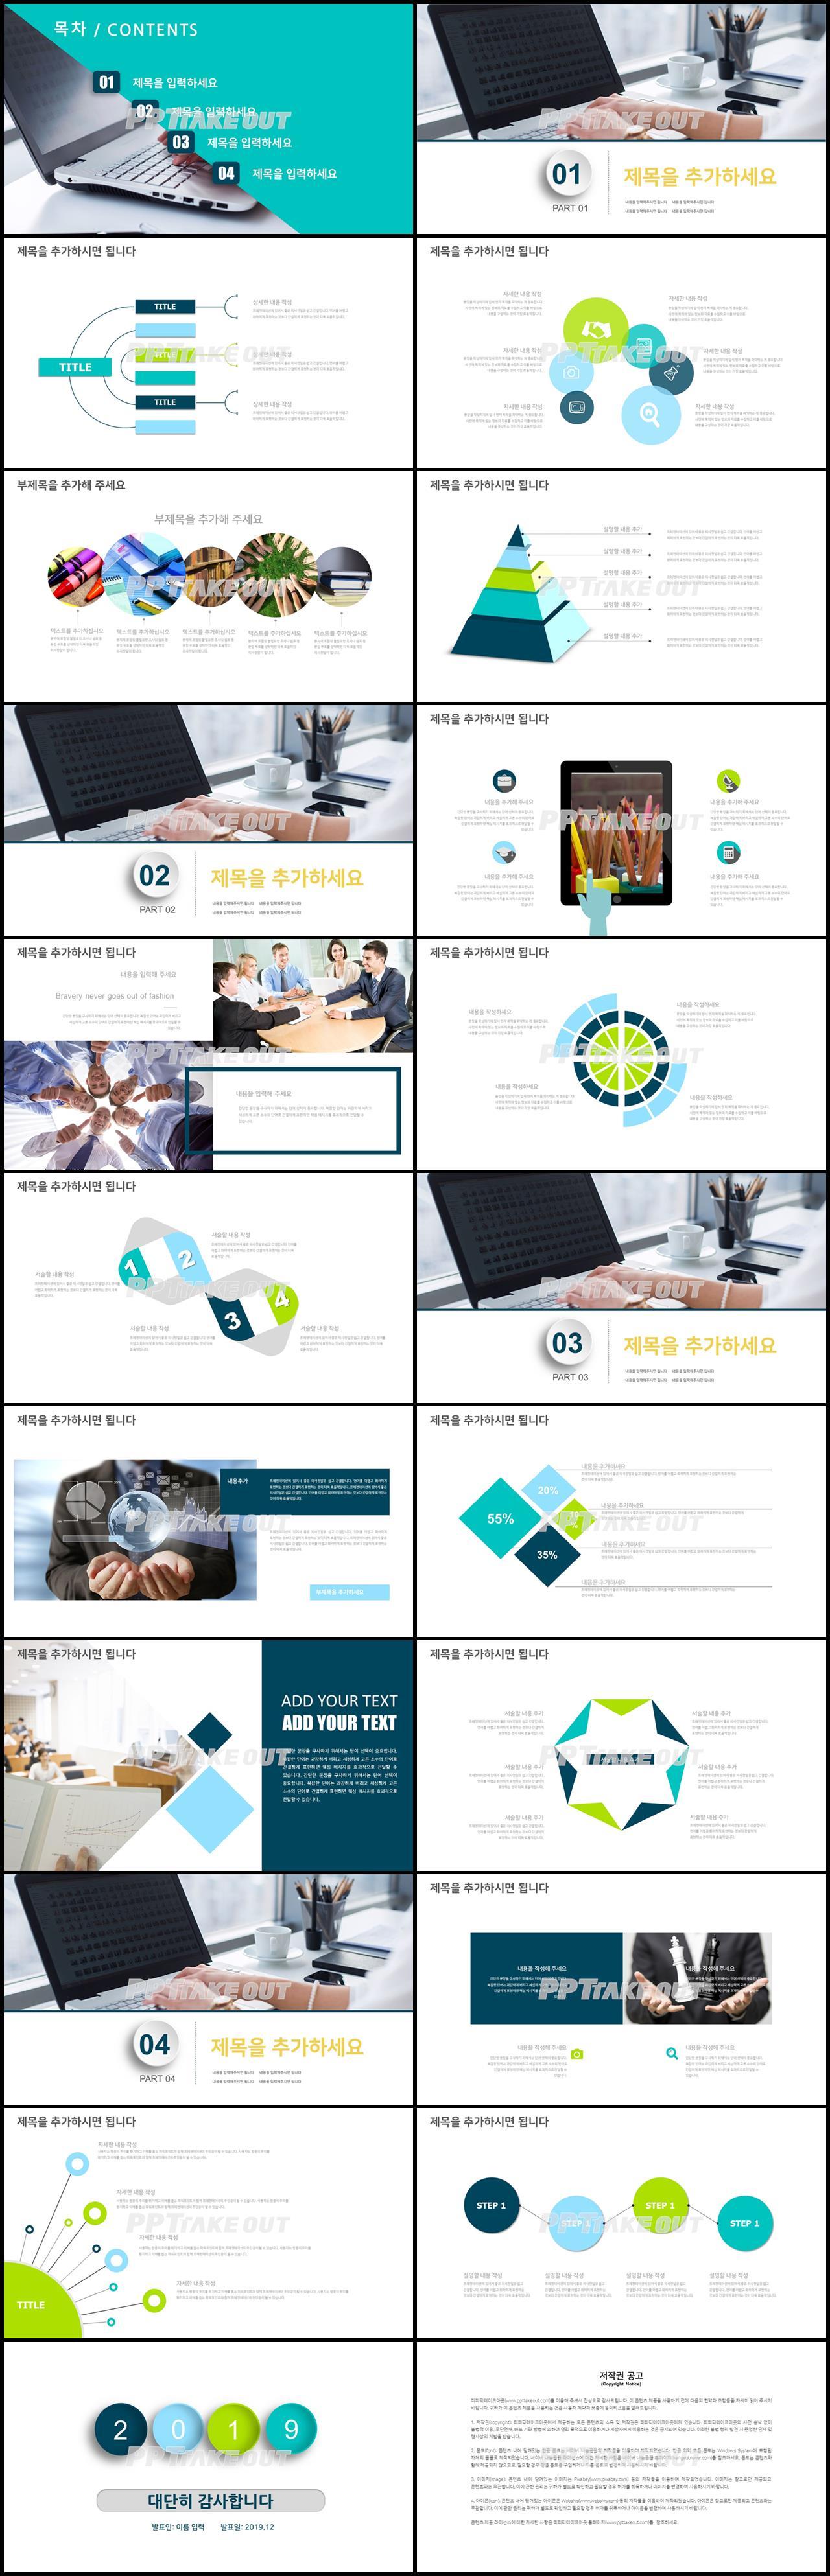 금융투자 파란색 심플한 프레젠테이션 POWERPOINT서식 만들기 상세보기